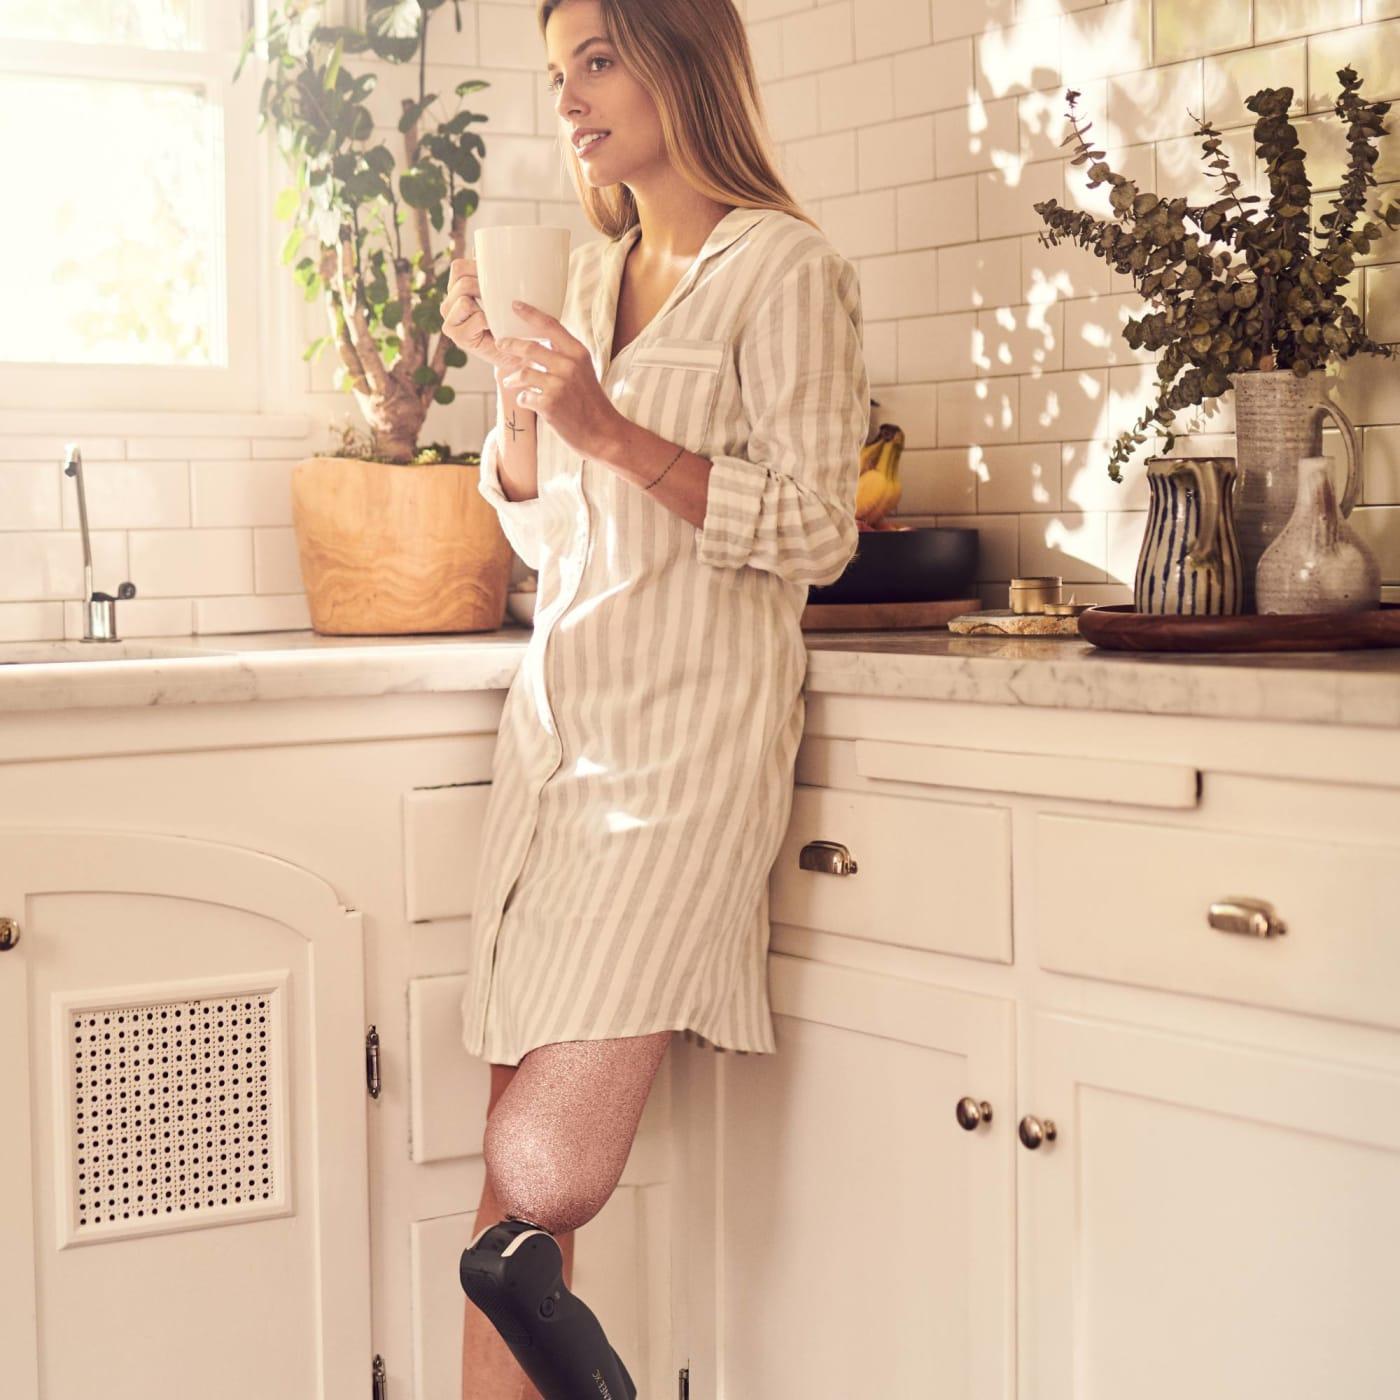 Paola Antonini steht in ihrer Küche mit einer Tasse Tee und trägt ihre Beinprothese